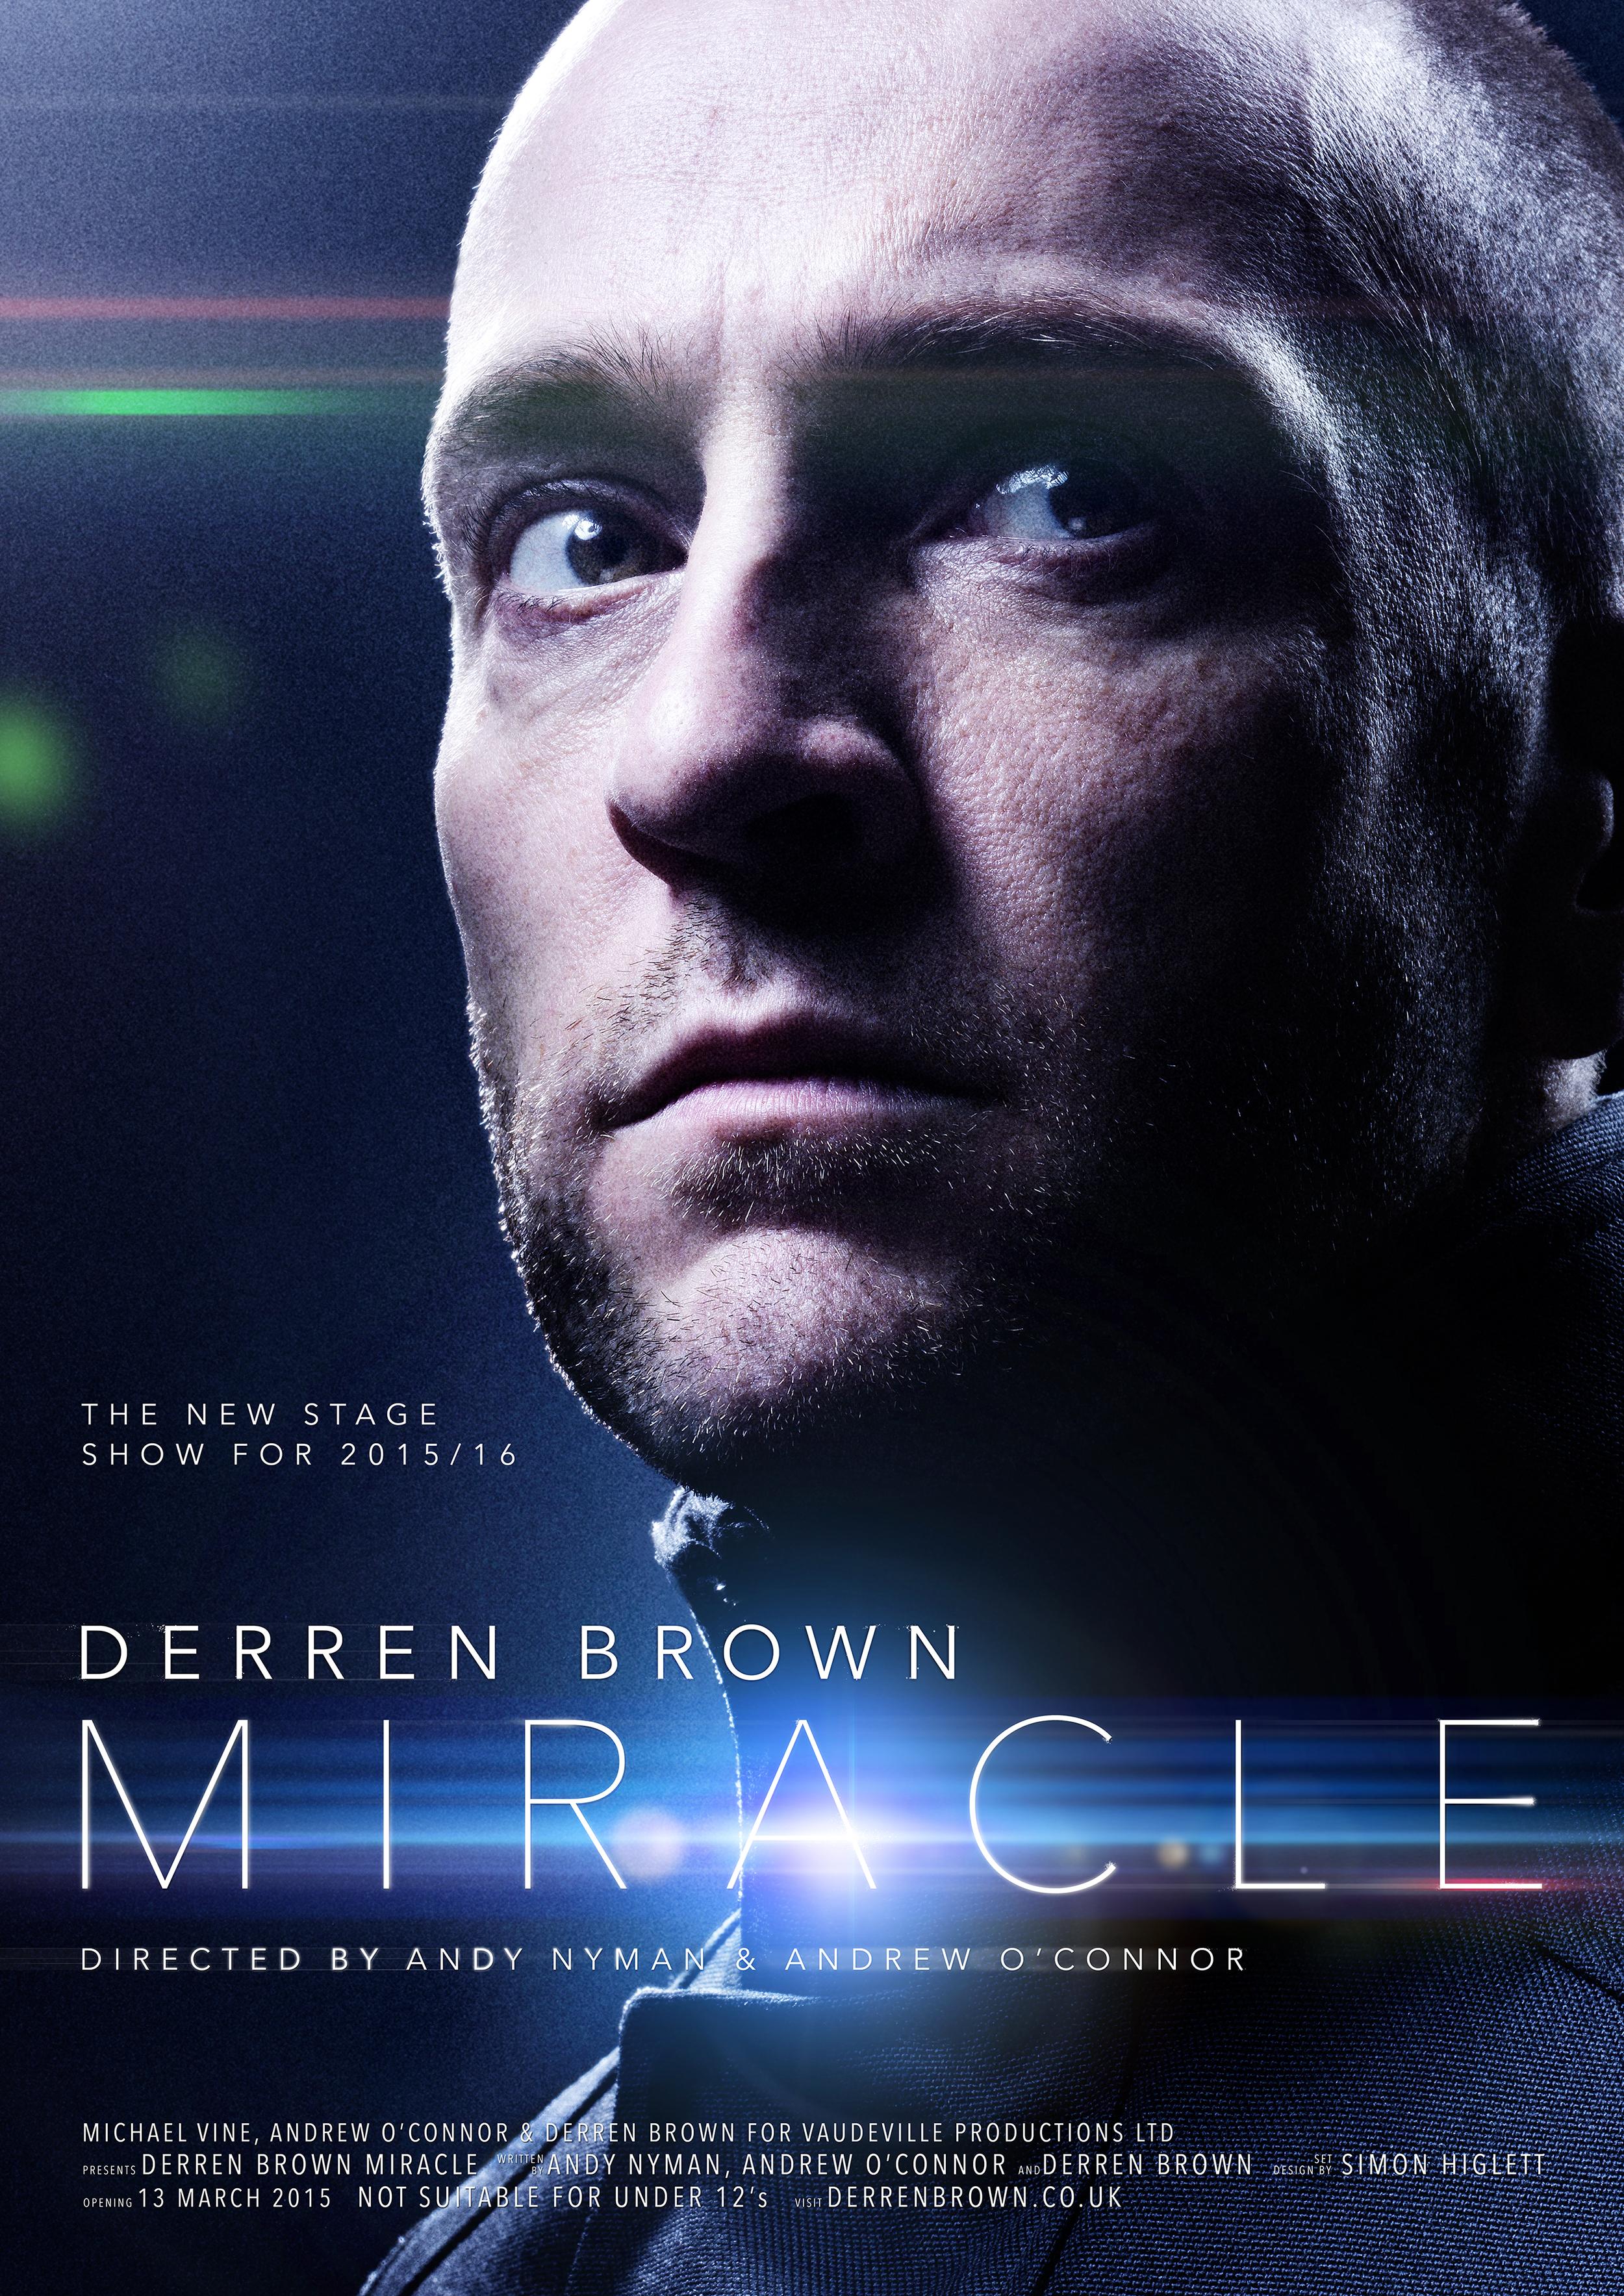 DerrenBrown-Miracle-2015.jpg